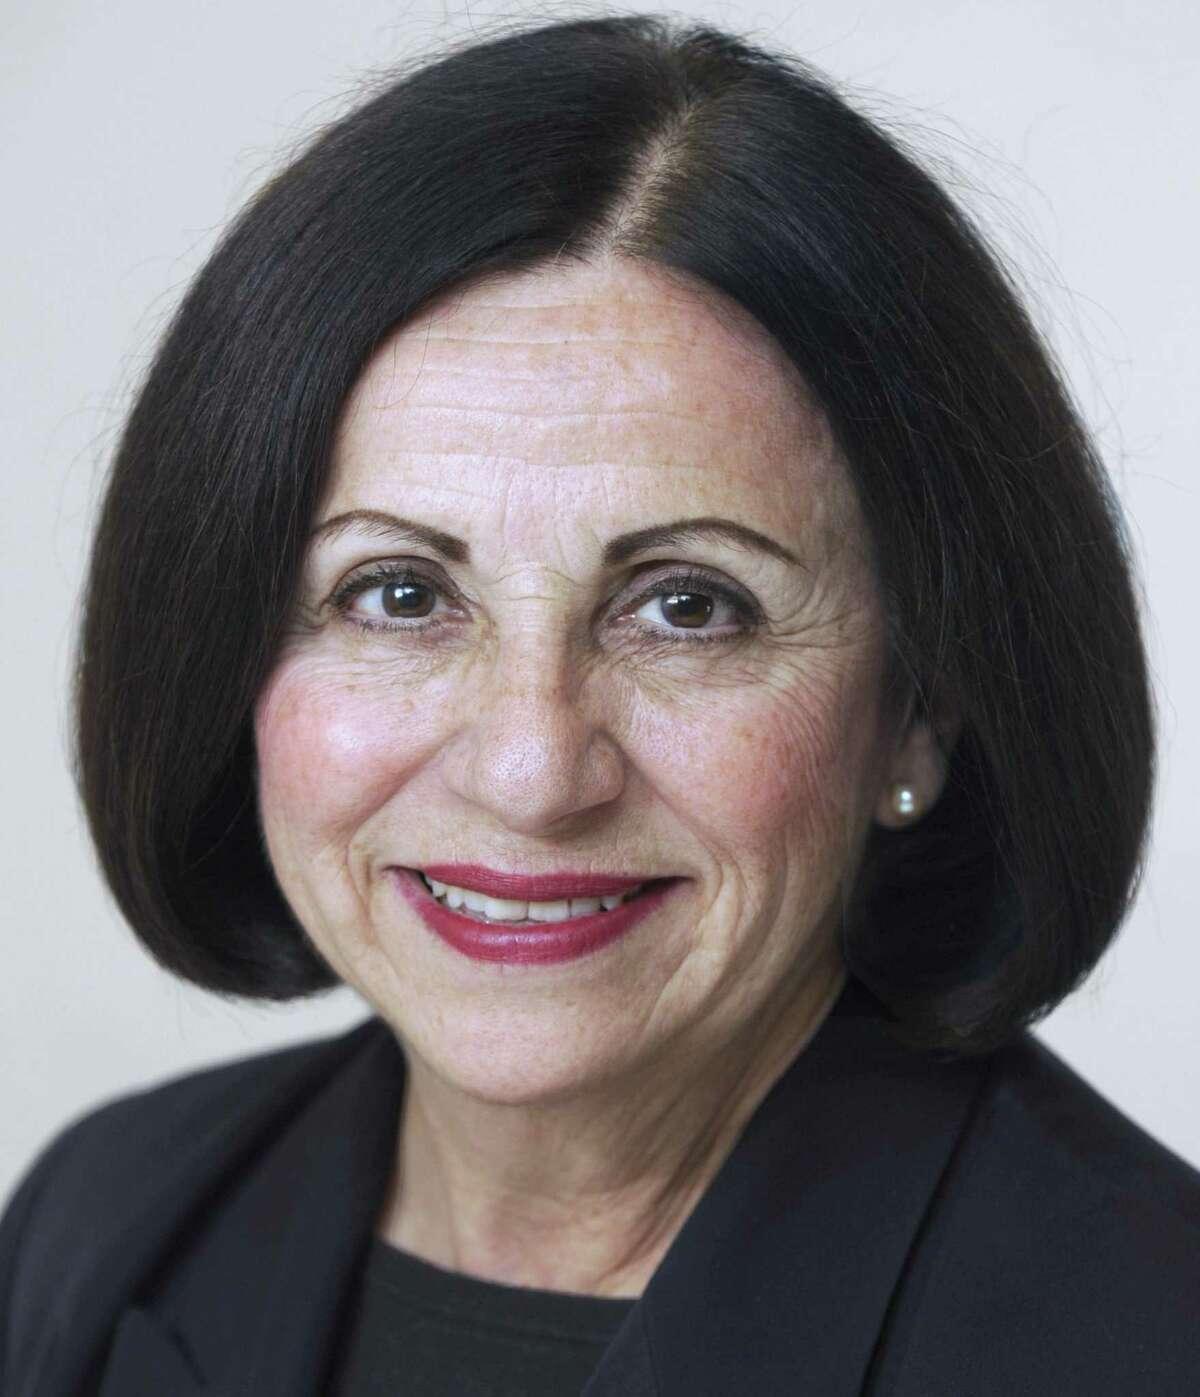 State Sen. Toni Boucher, 26th District.